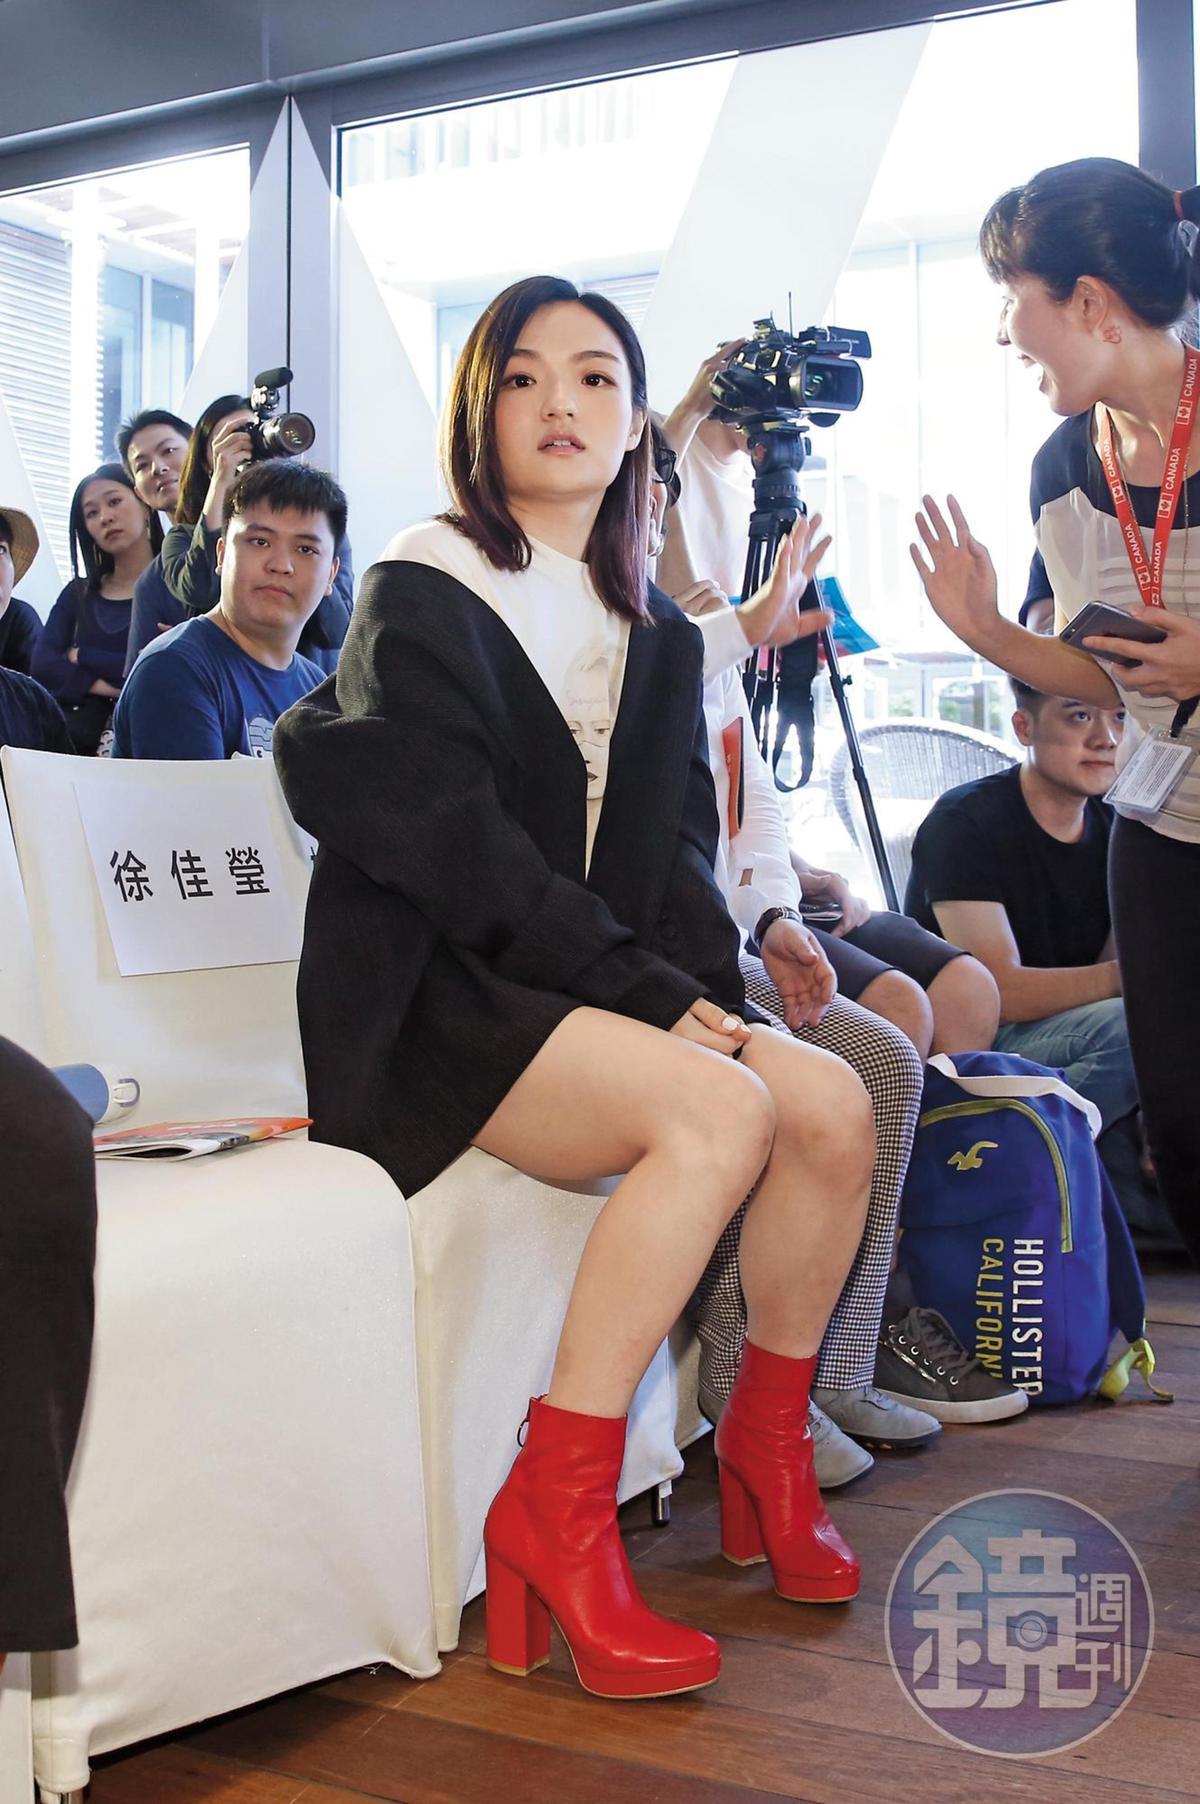 徐佳瑩一坐下時,其實腿庫顯得頗具分量;之前媒體還讚她那天的造型是「鉛筆腿」,確實有點over了。